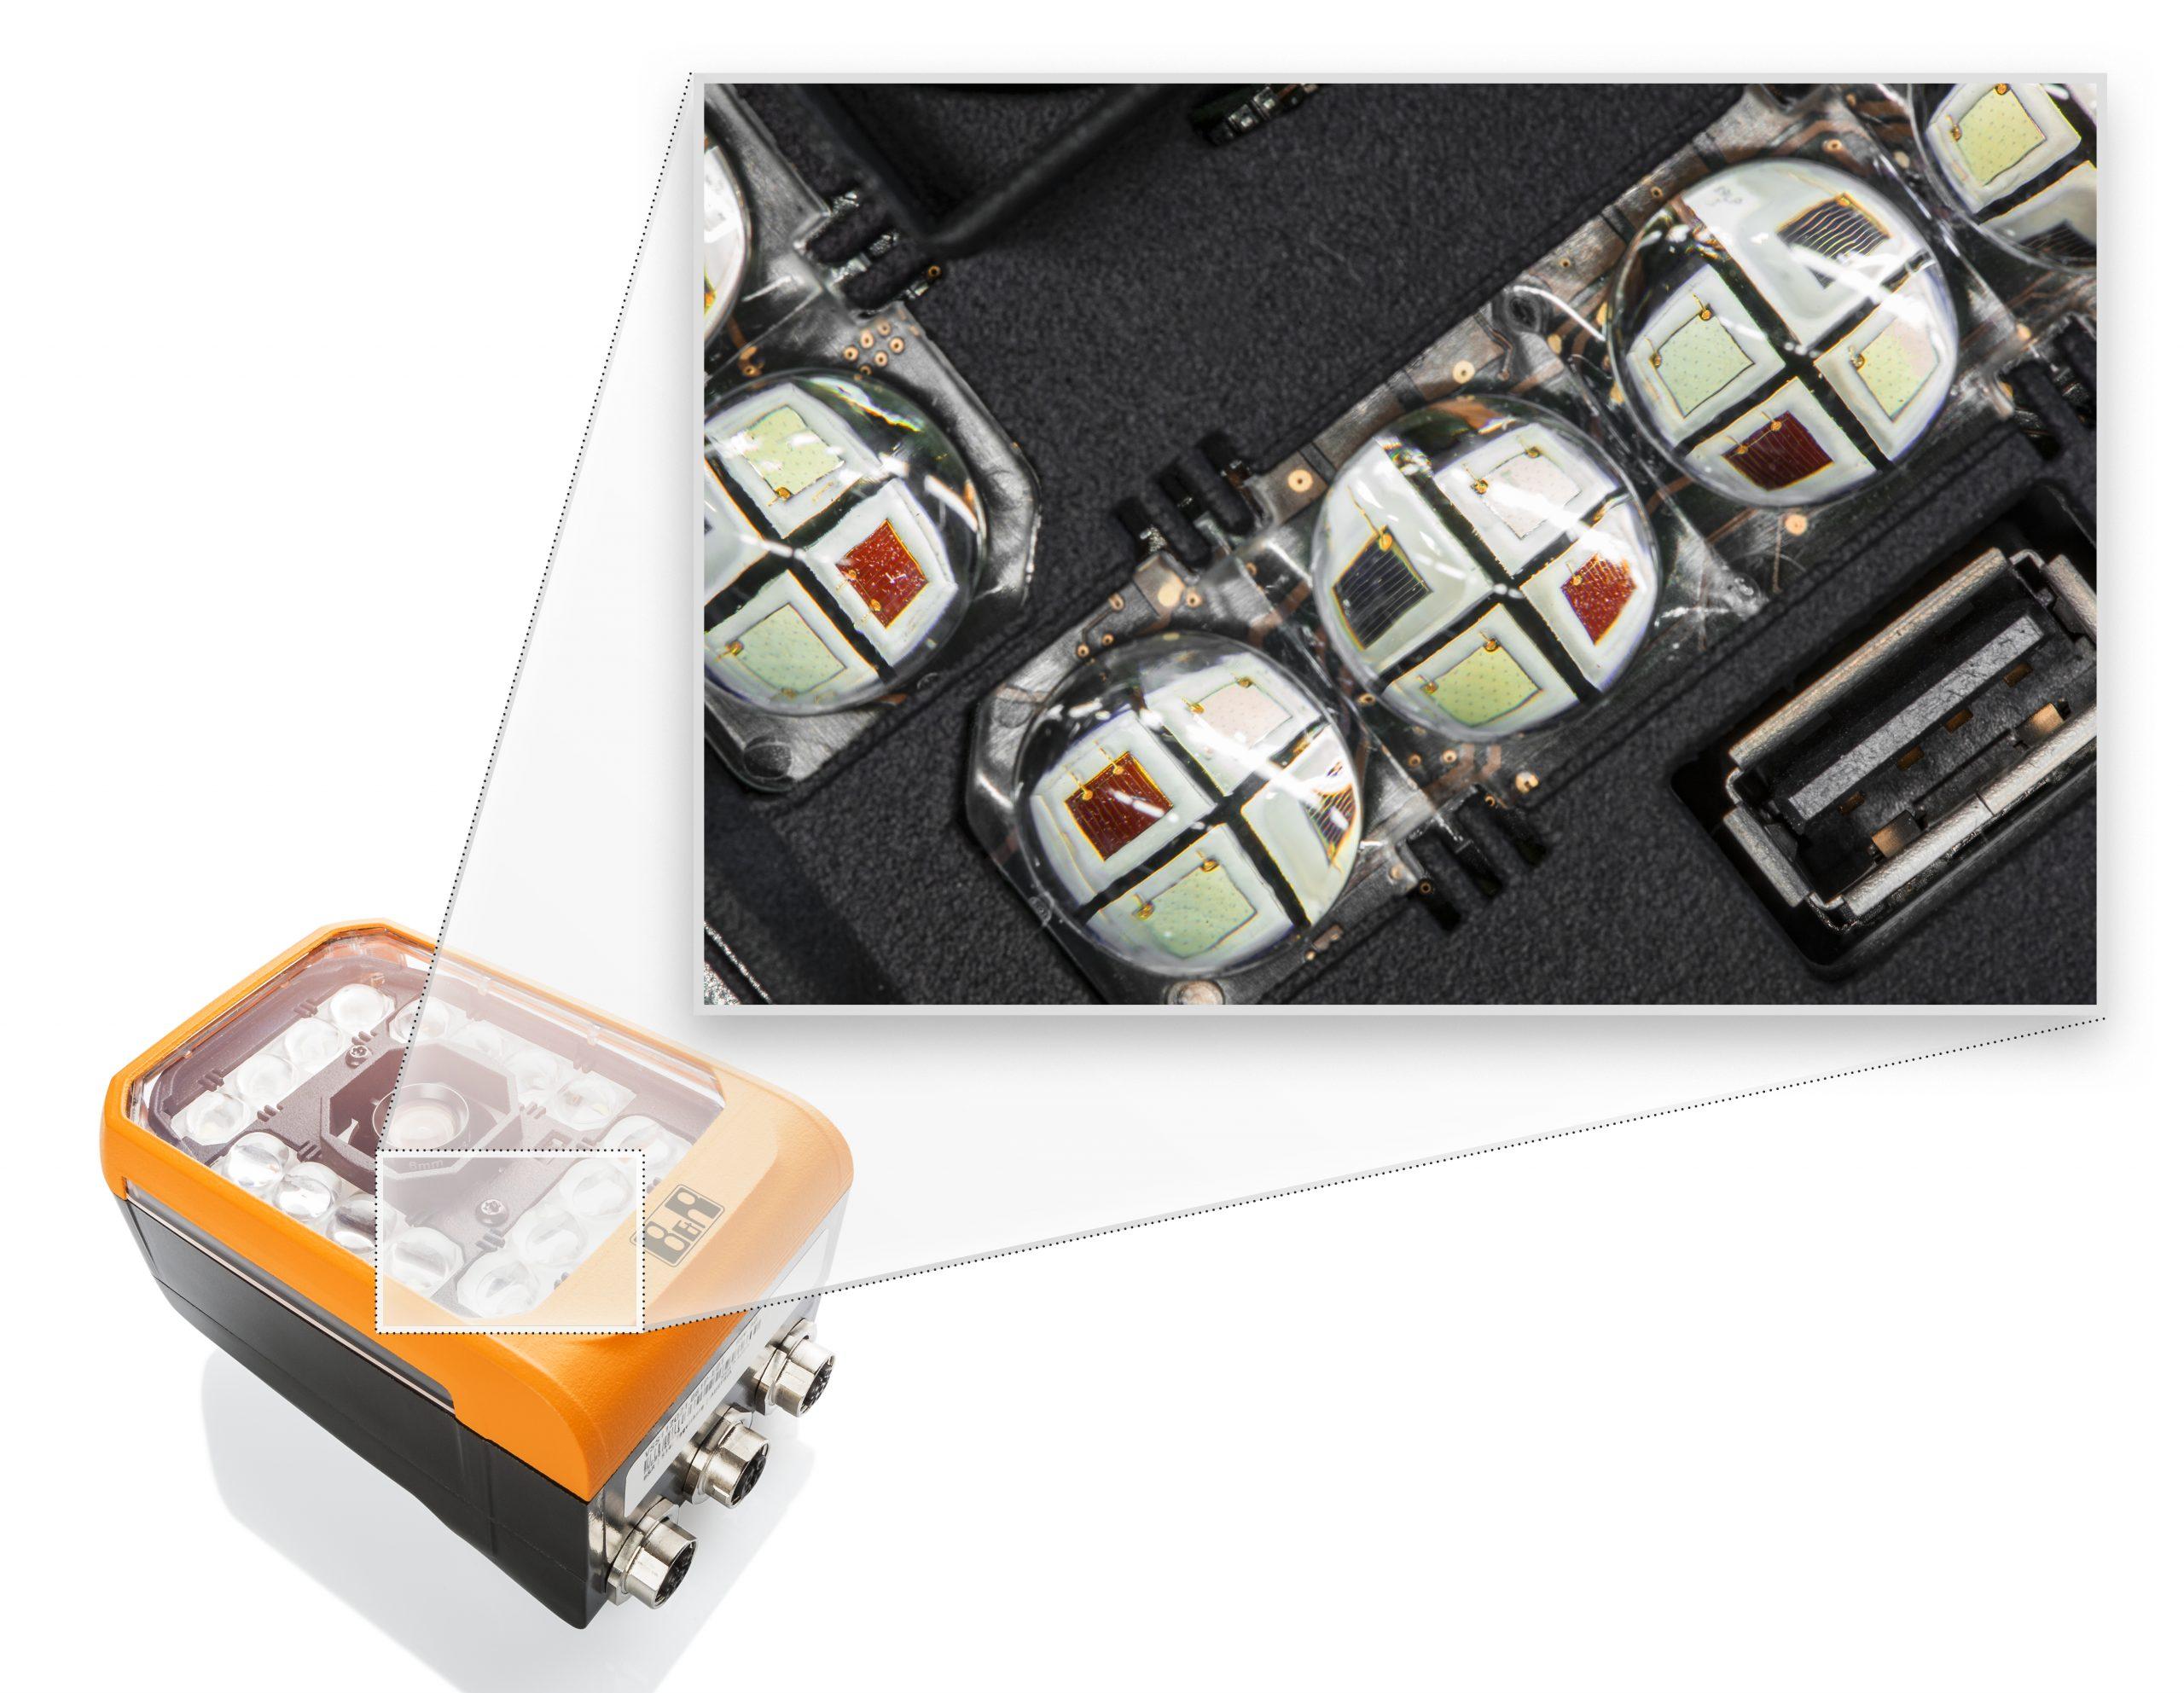 Beleuchtungssystem für hochgenaue Blitzzeitpunkte